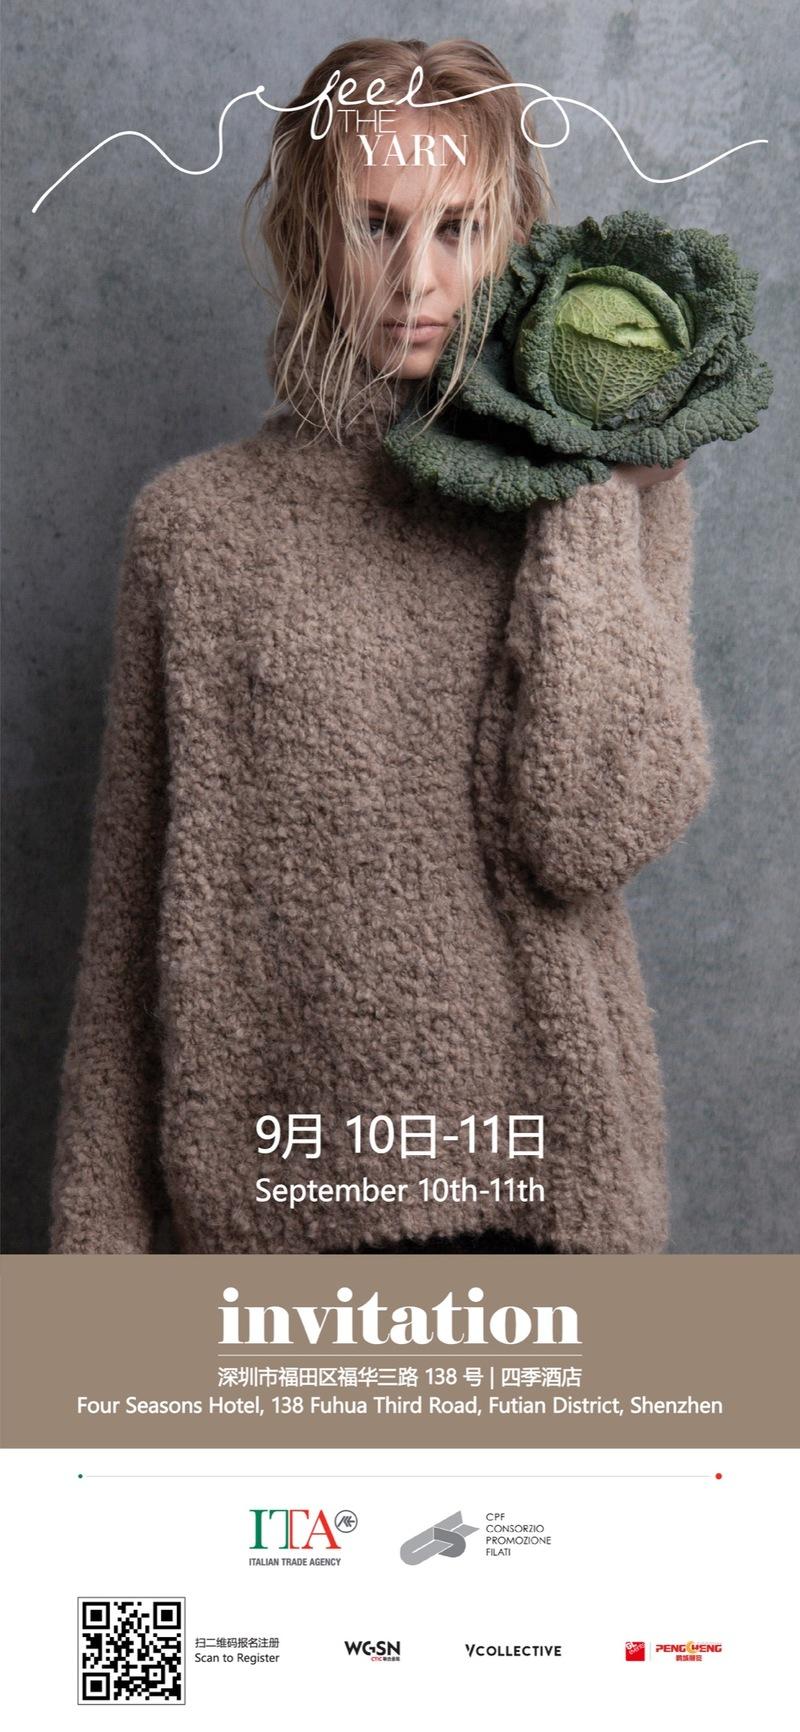 第四届Feel the Yarn回归深圳,ROOTS主题探索新一季秋冬时尚趋势